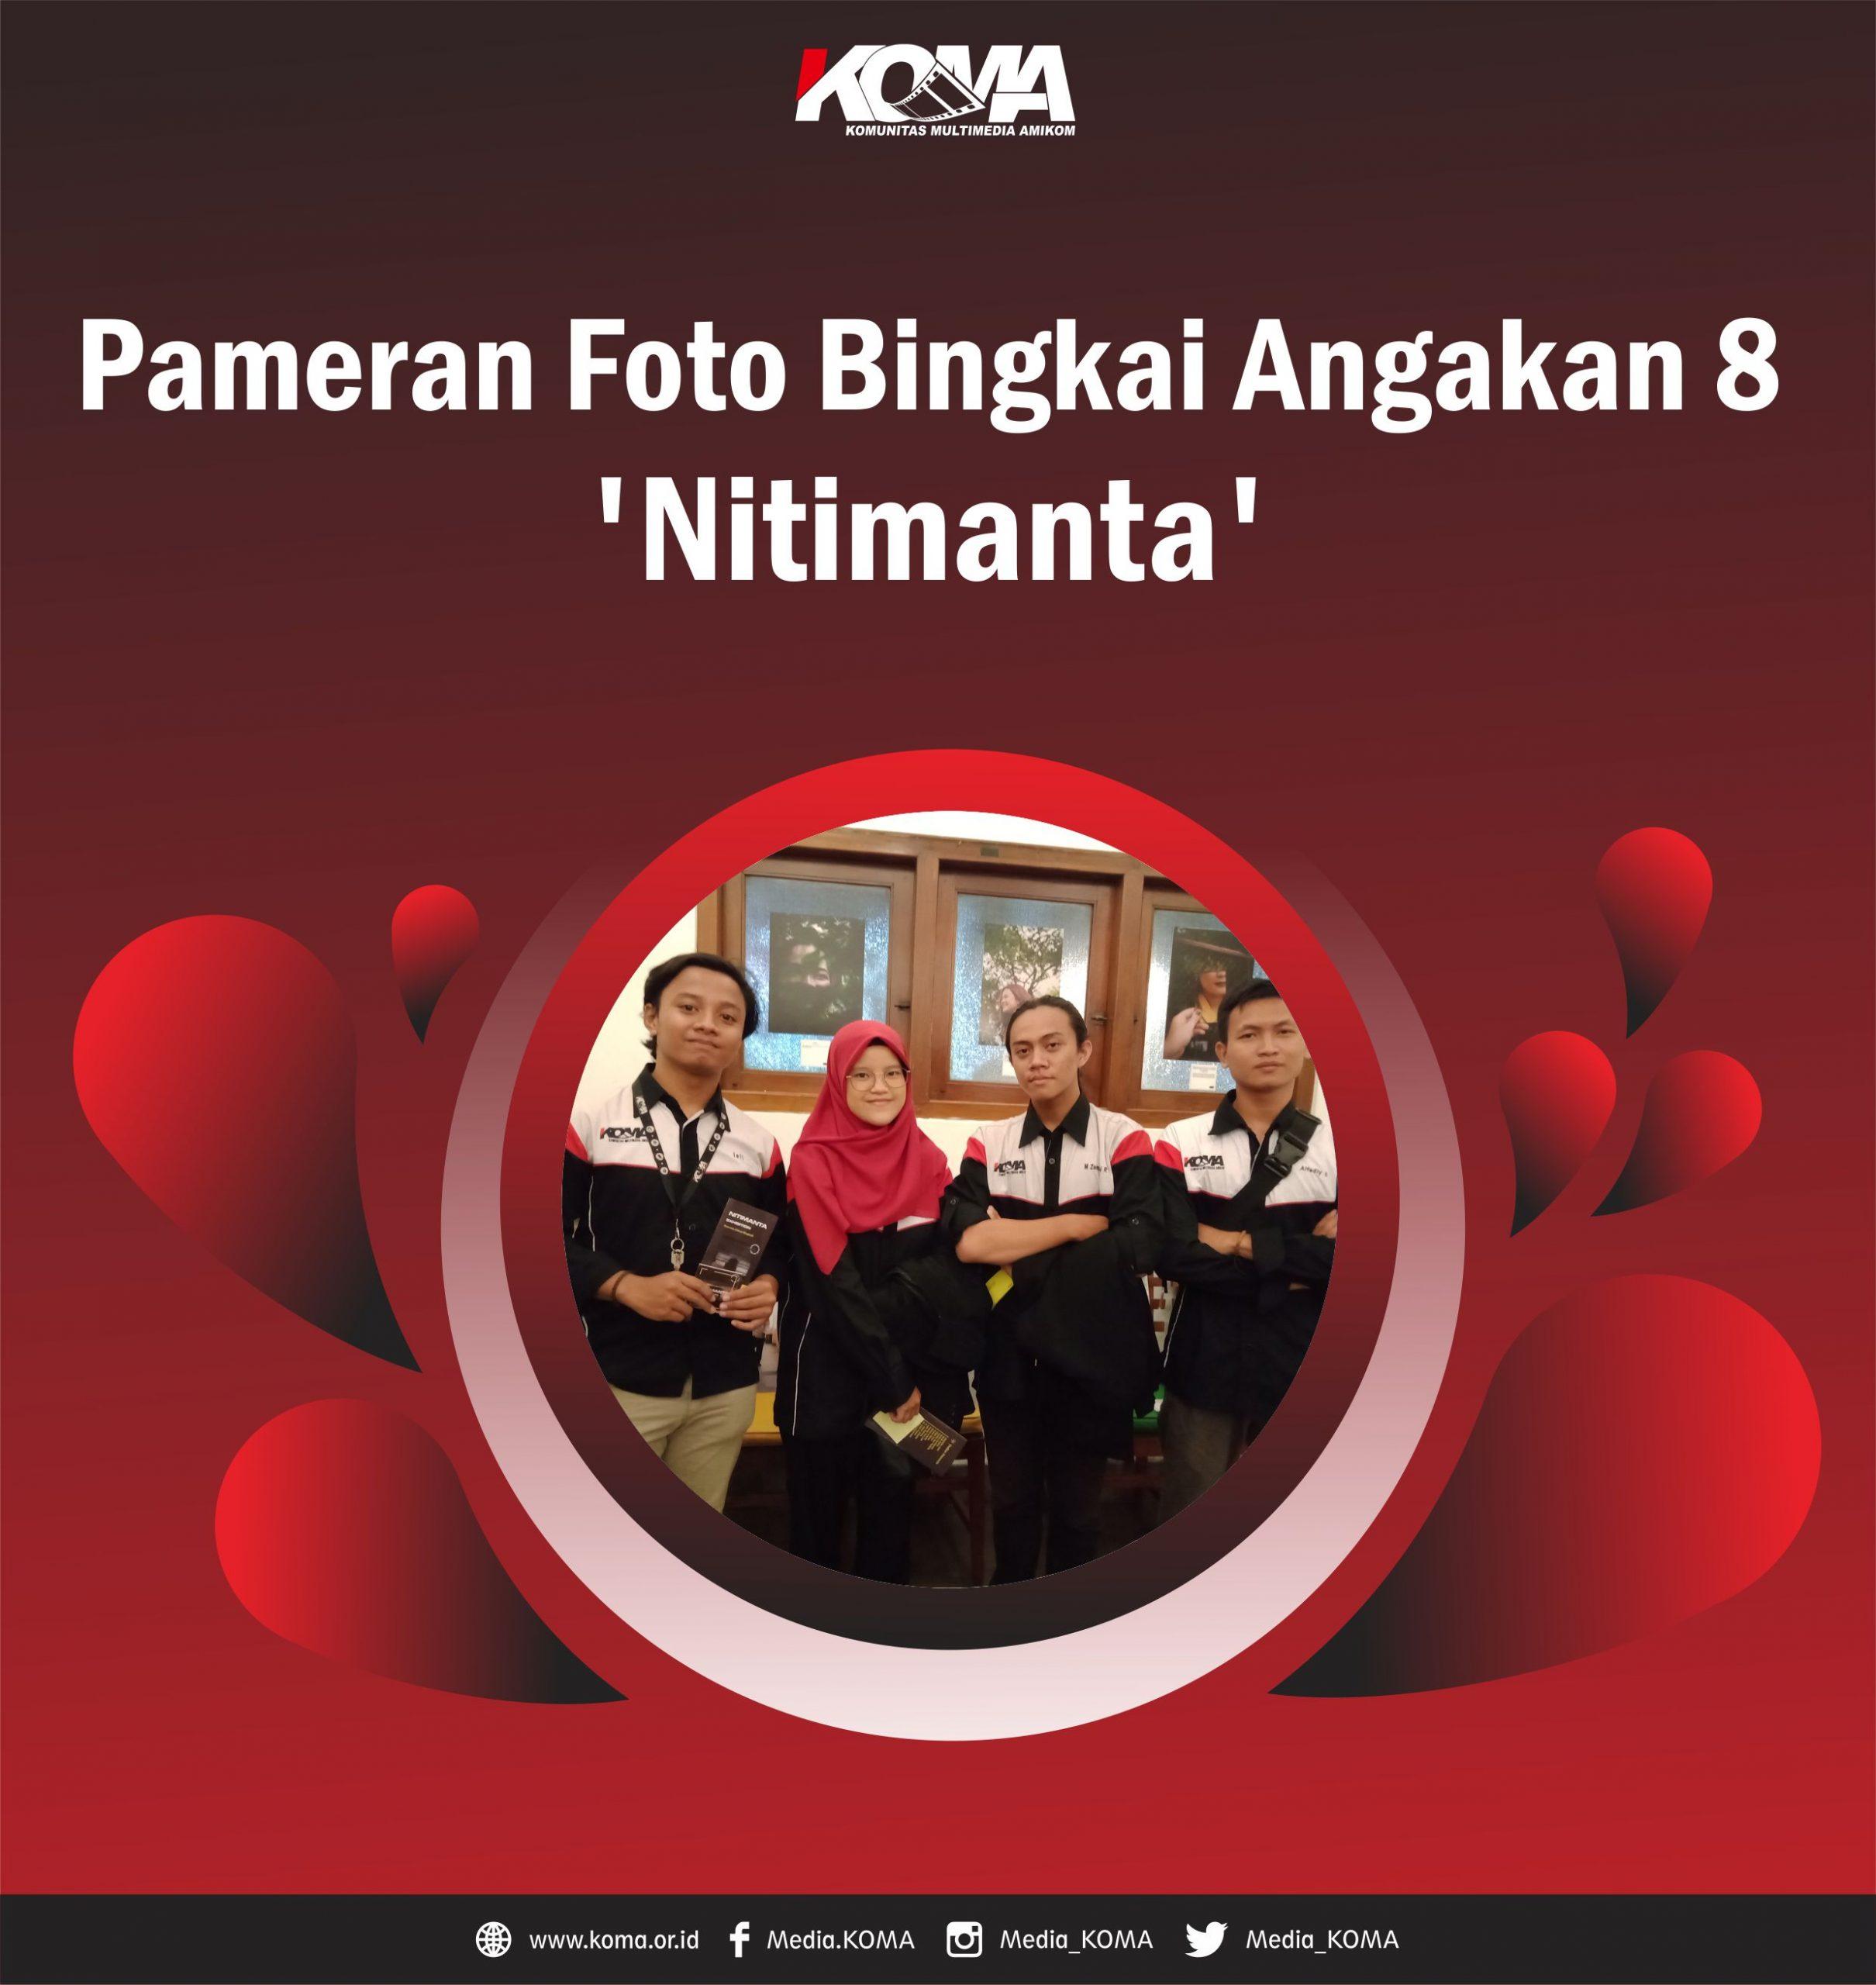 Pameran-Foto-Bingkai-Angakan-8-Nitimanta-16-Februari-2020-1